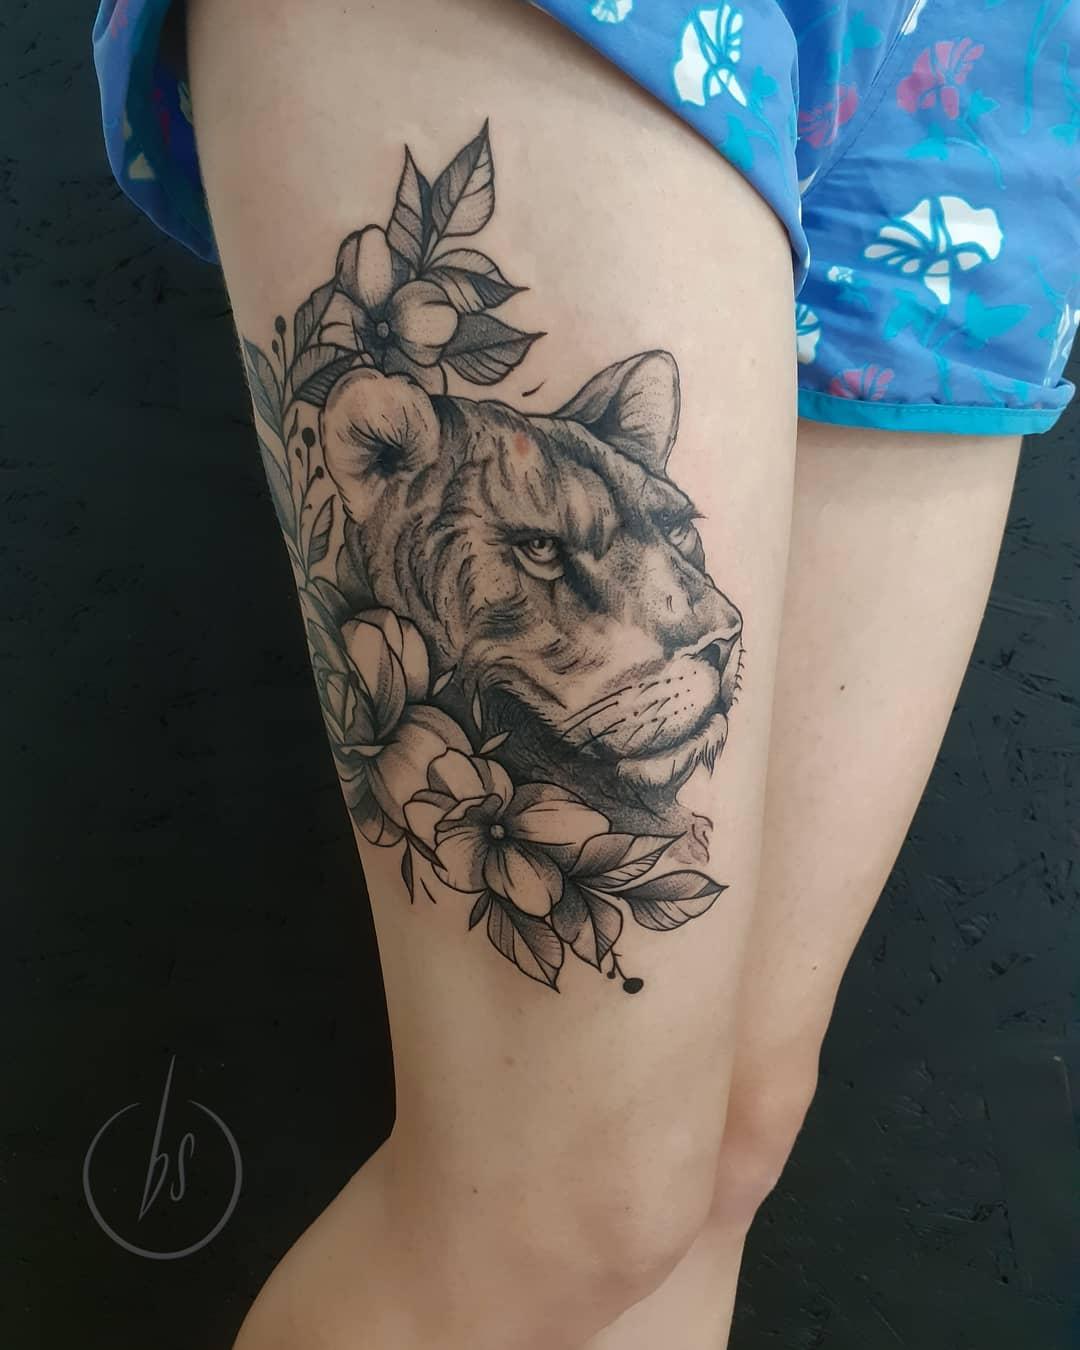 tattoo__bs_225013059_514659193083471_7721460042073013138_n